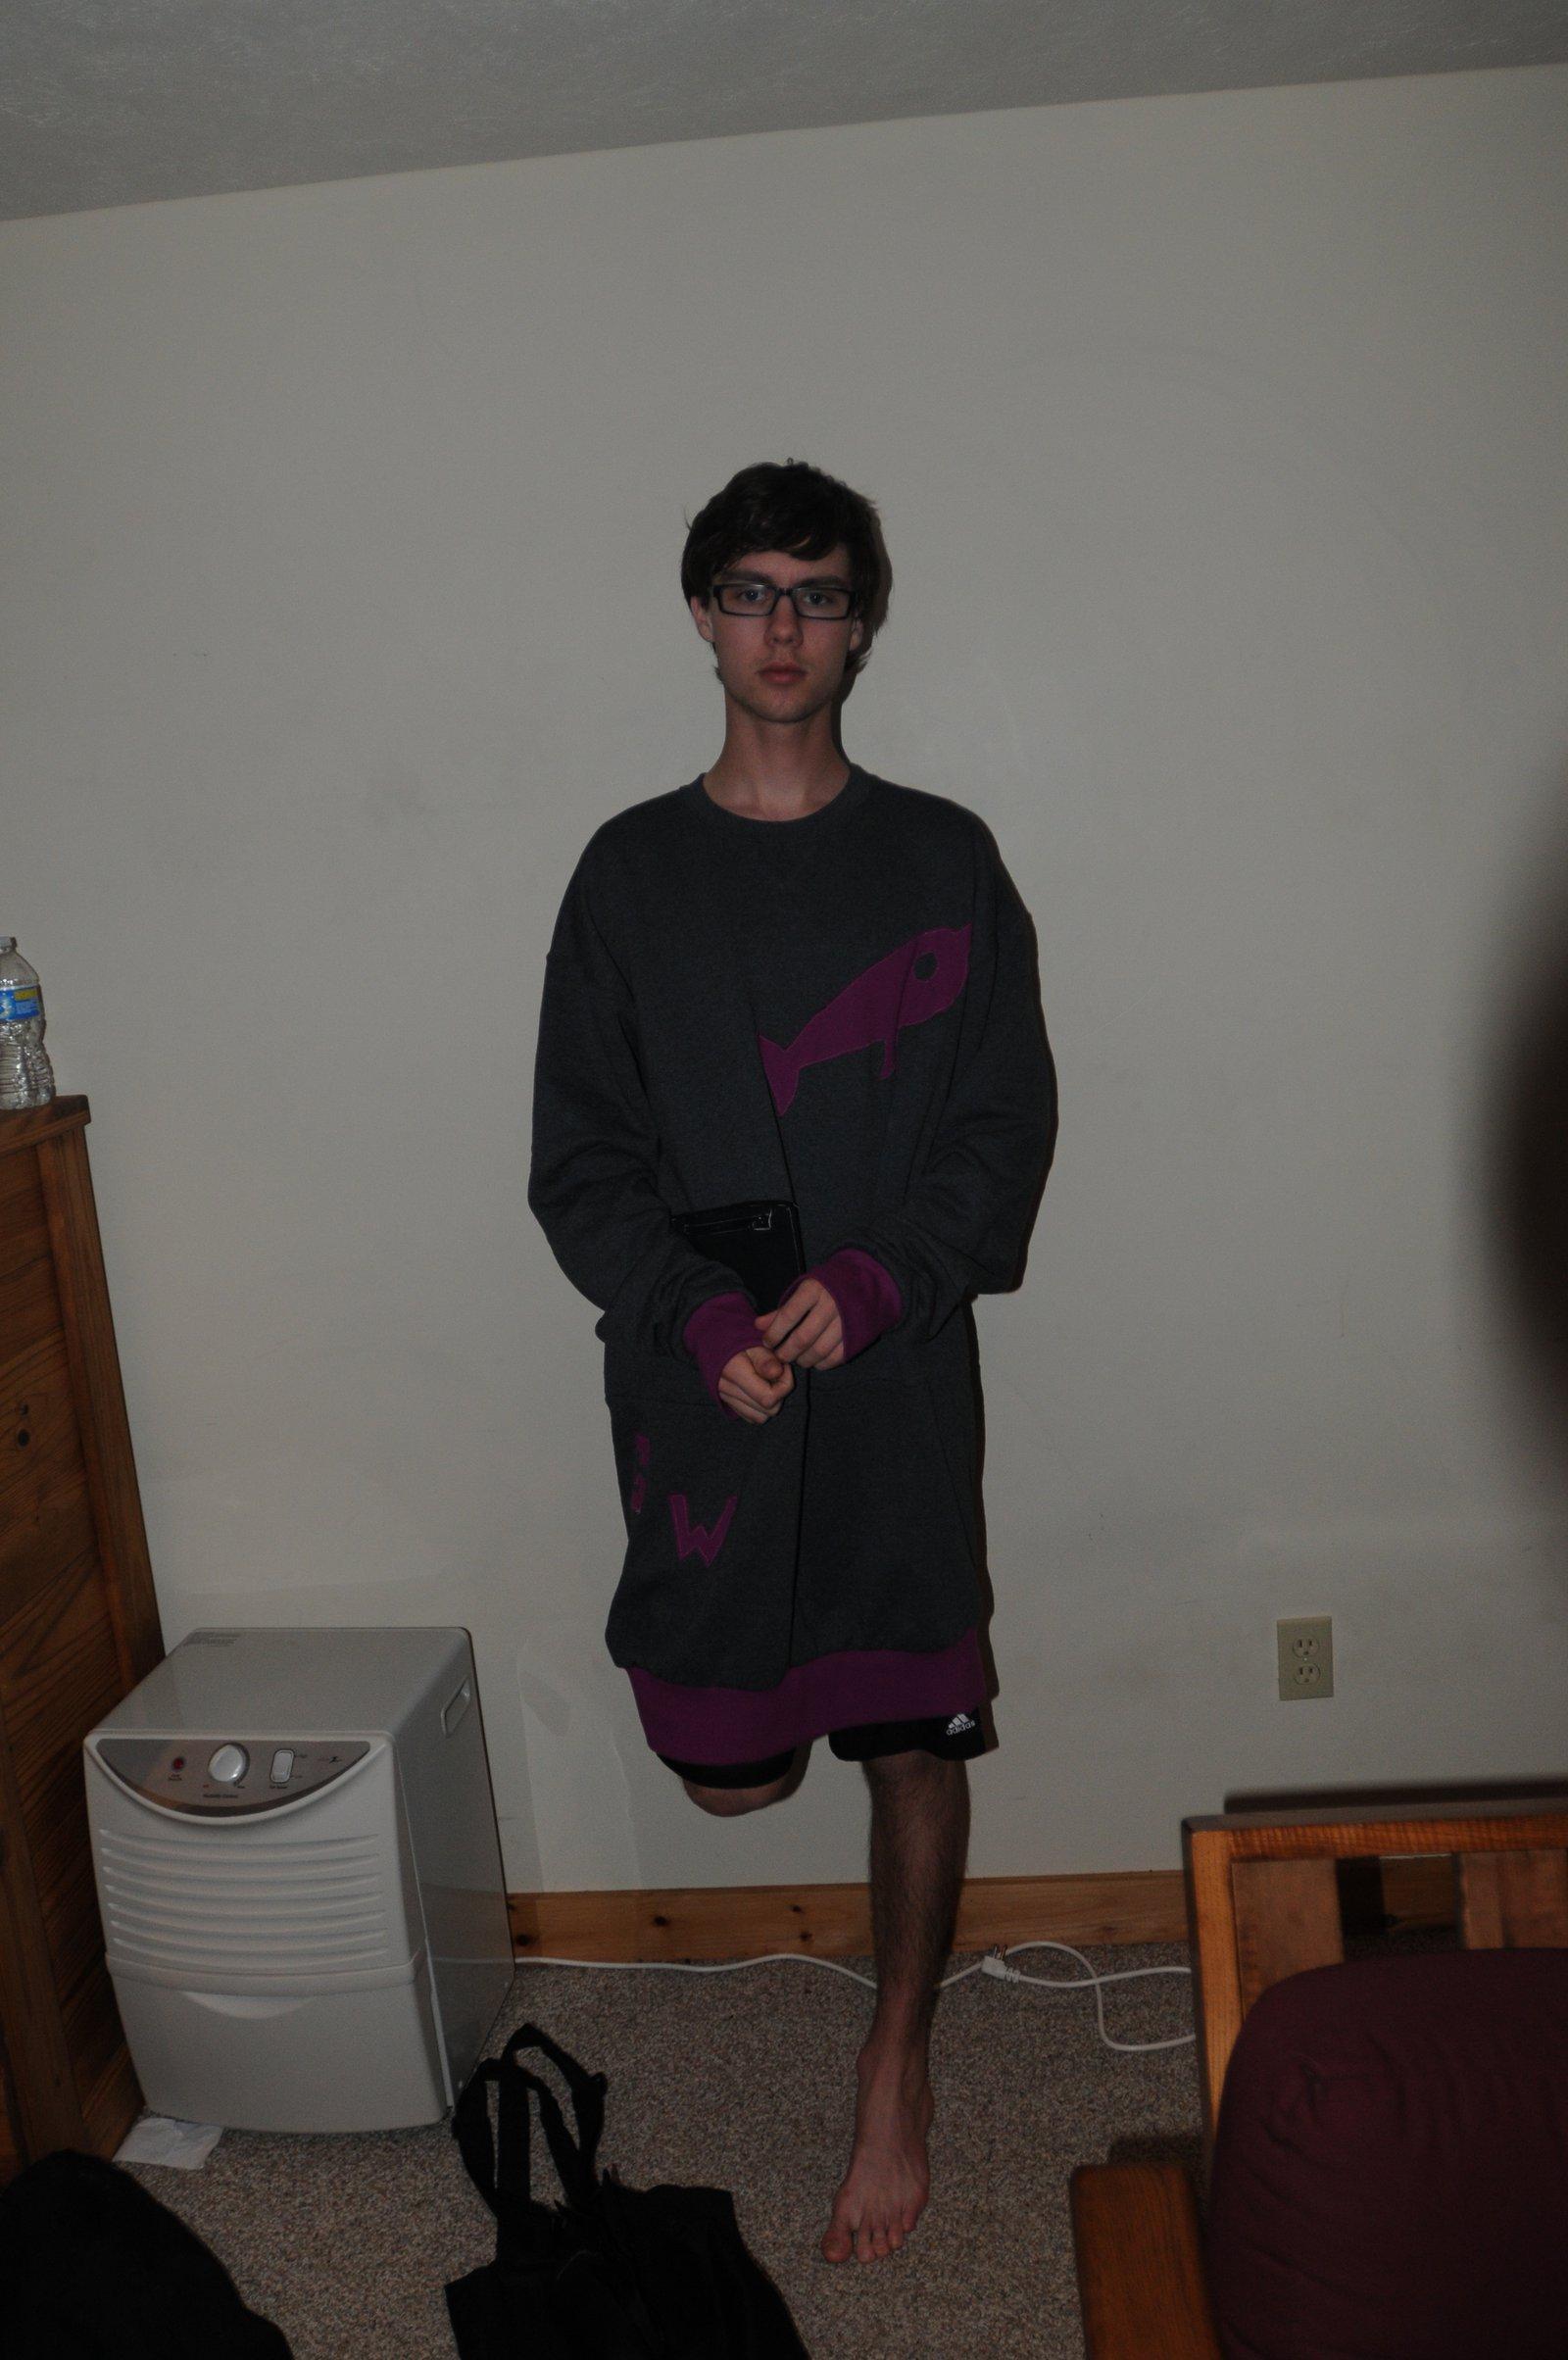 GW sweatshirt FS